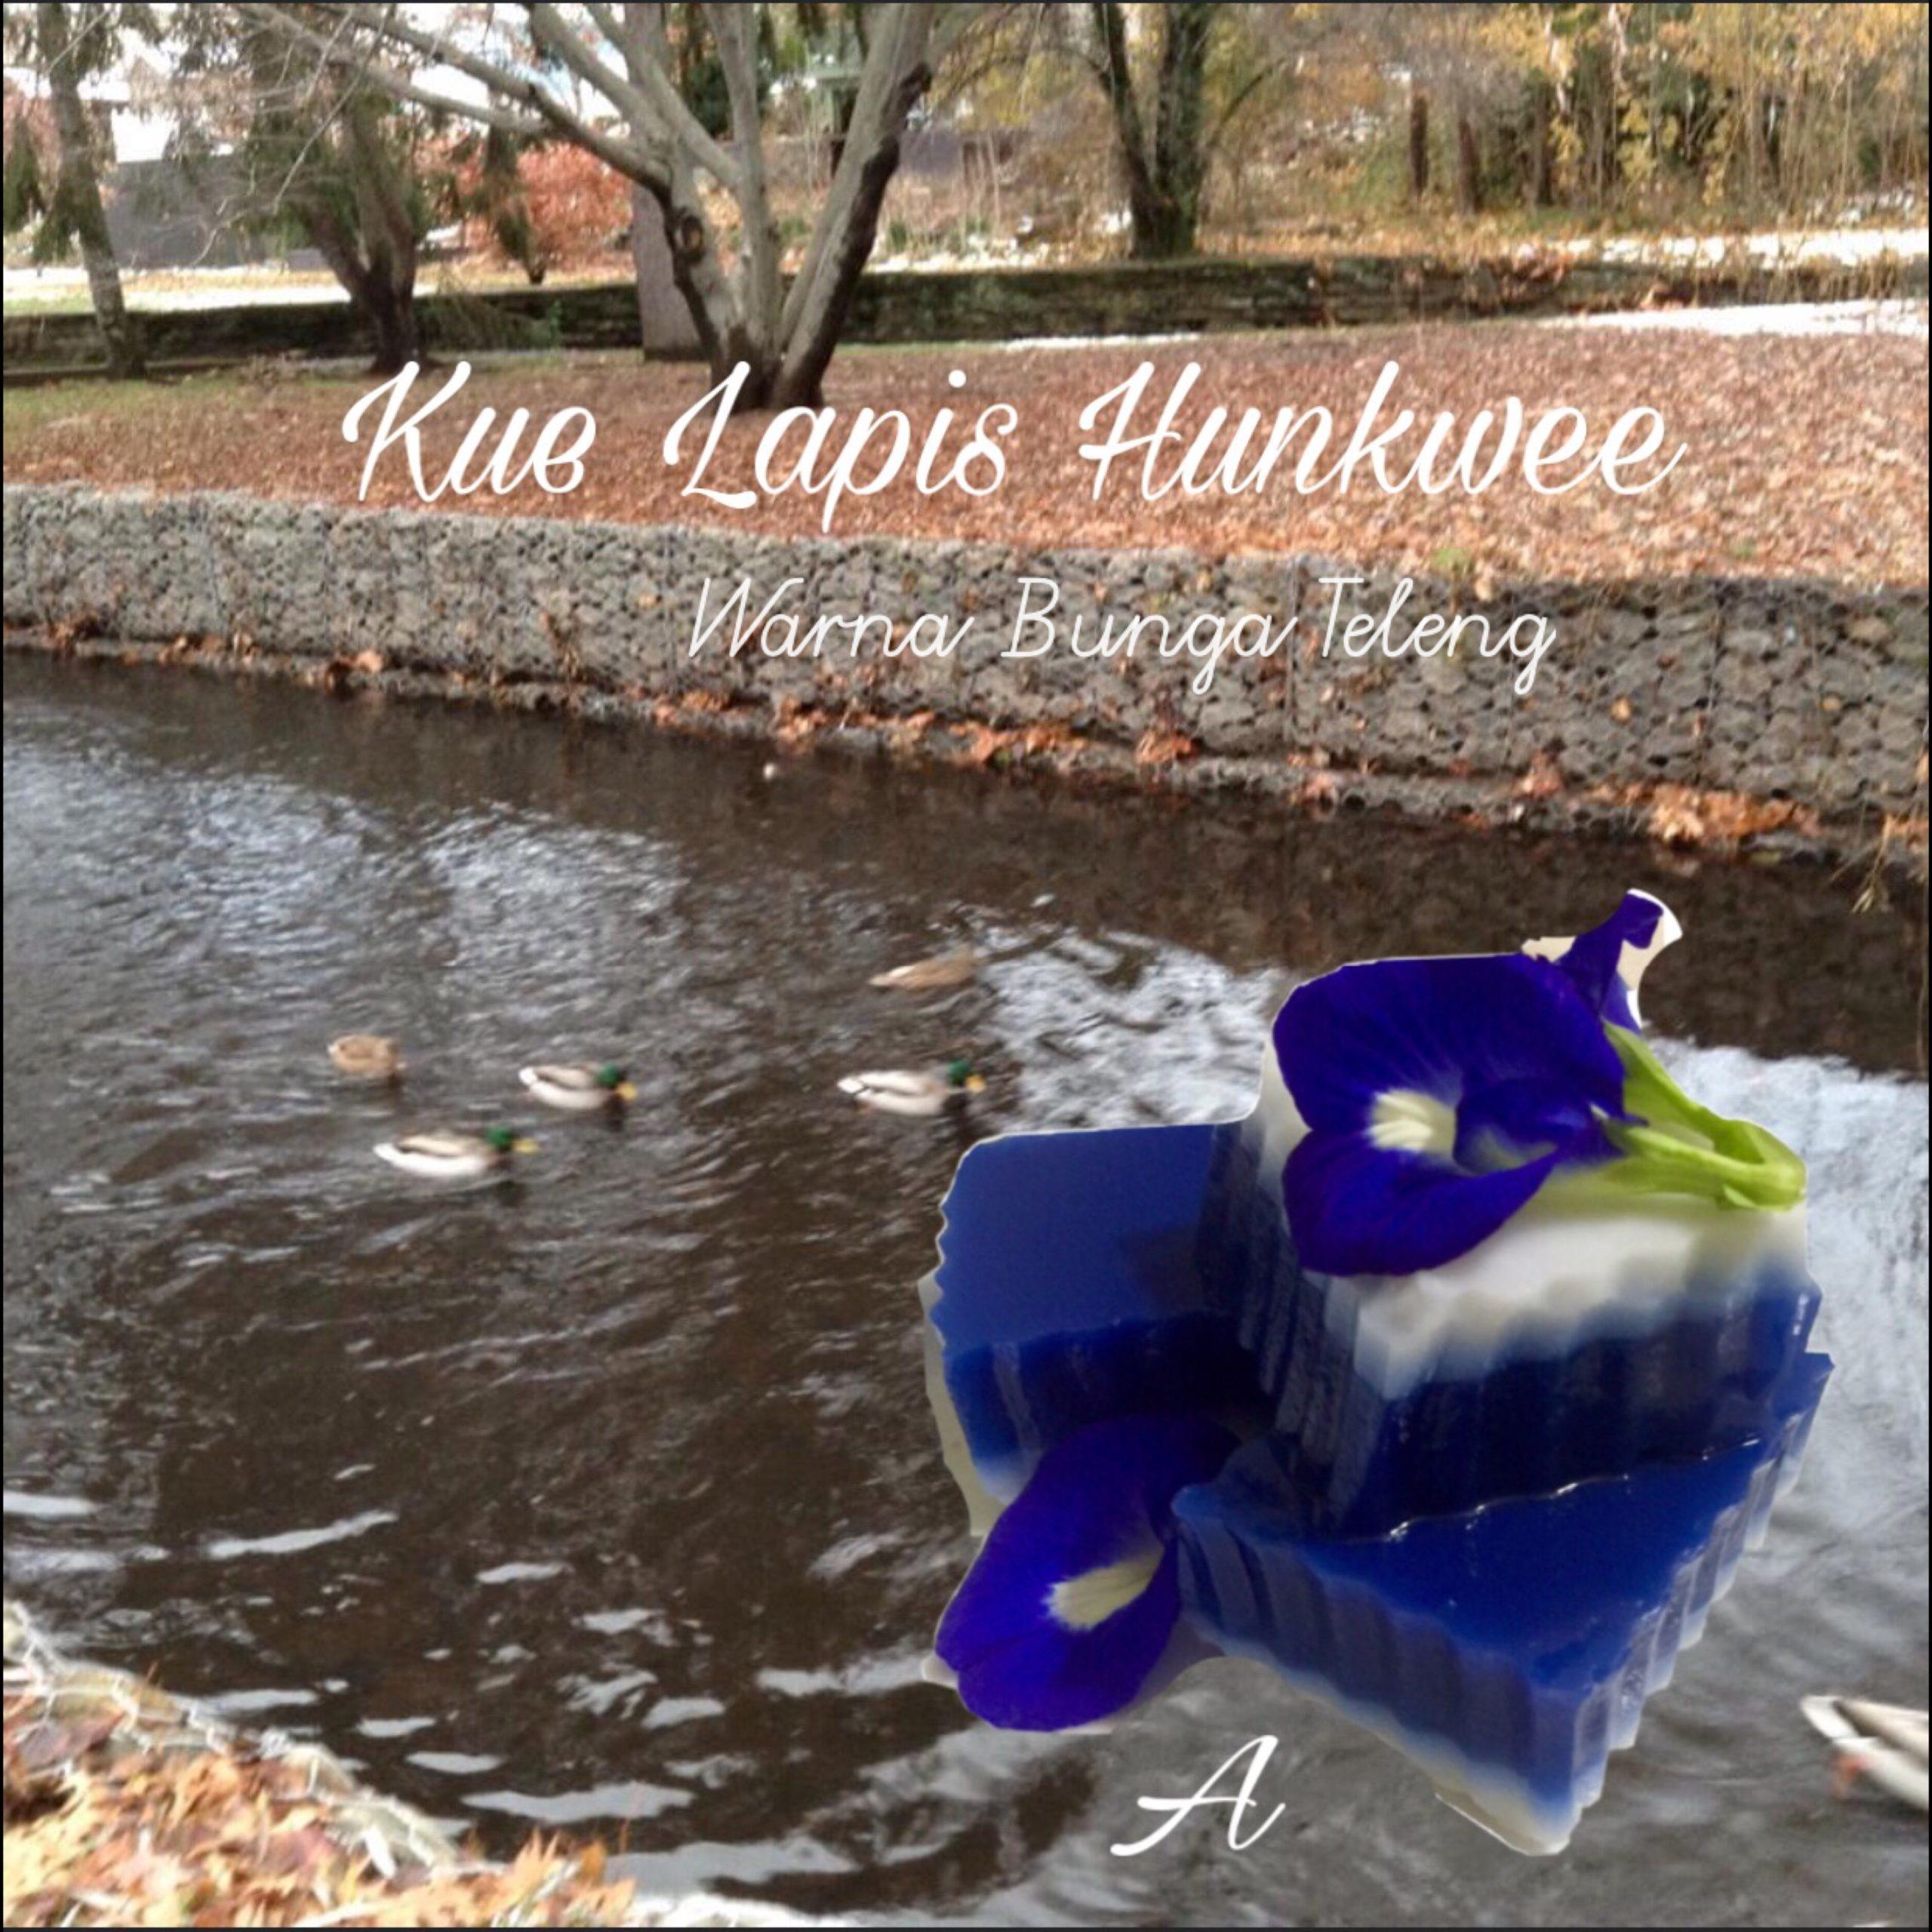 Resep Kue Lapis Hunkwee  Warna Bunga Teleng